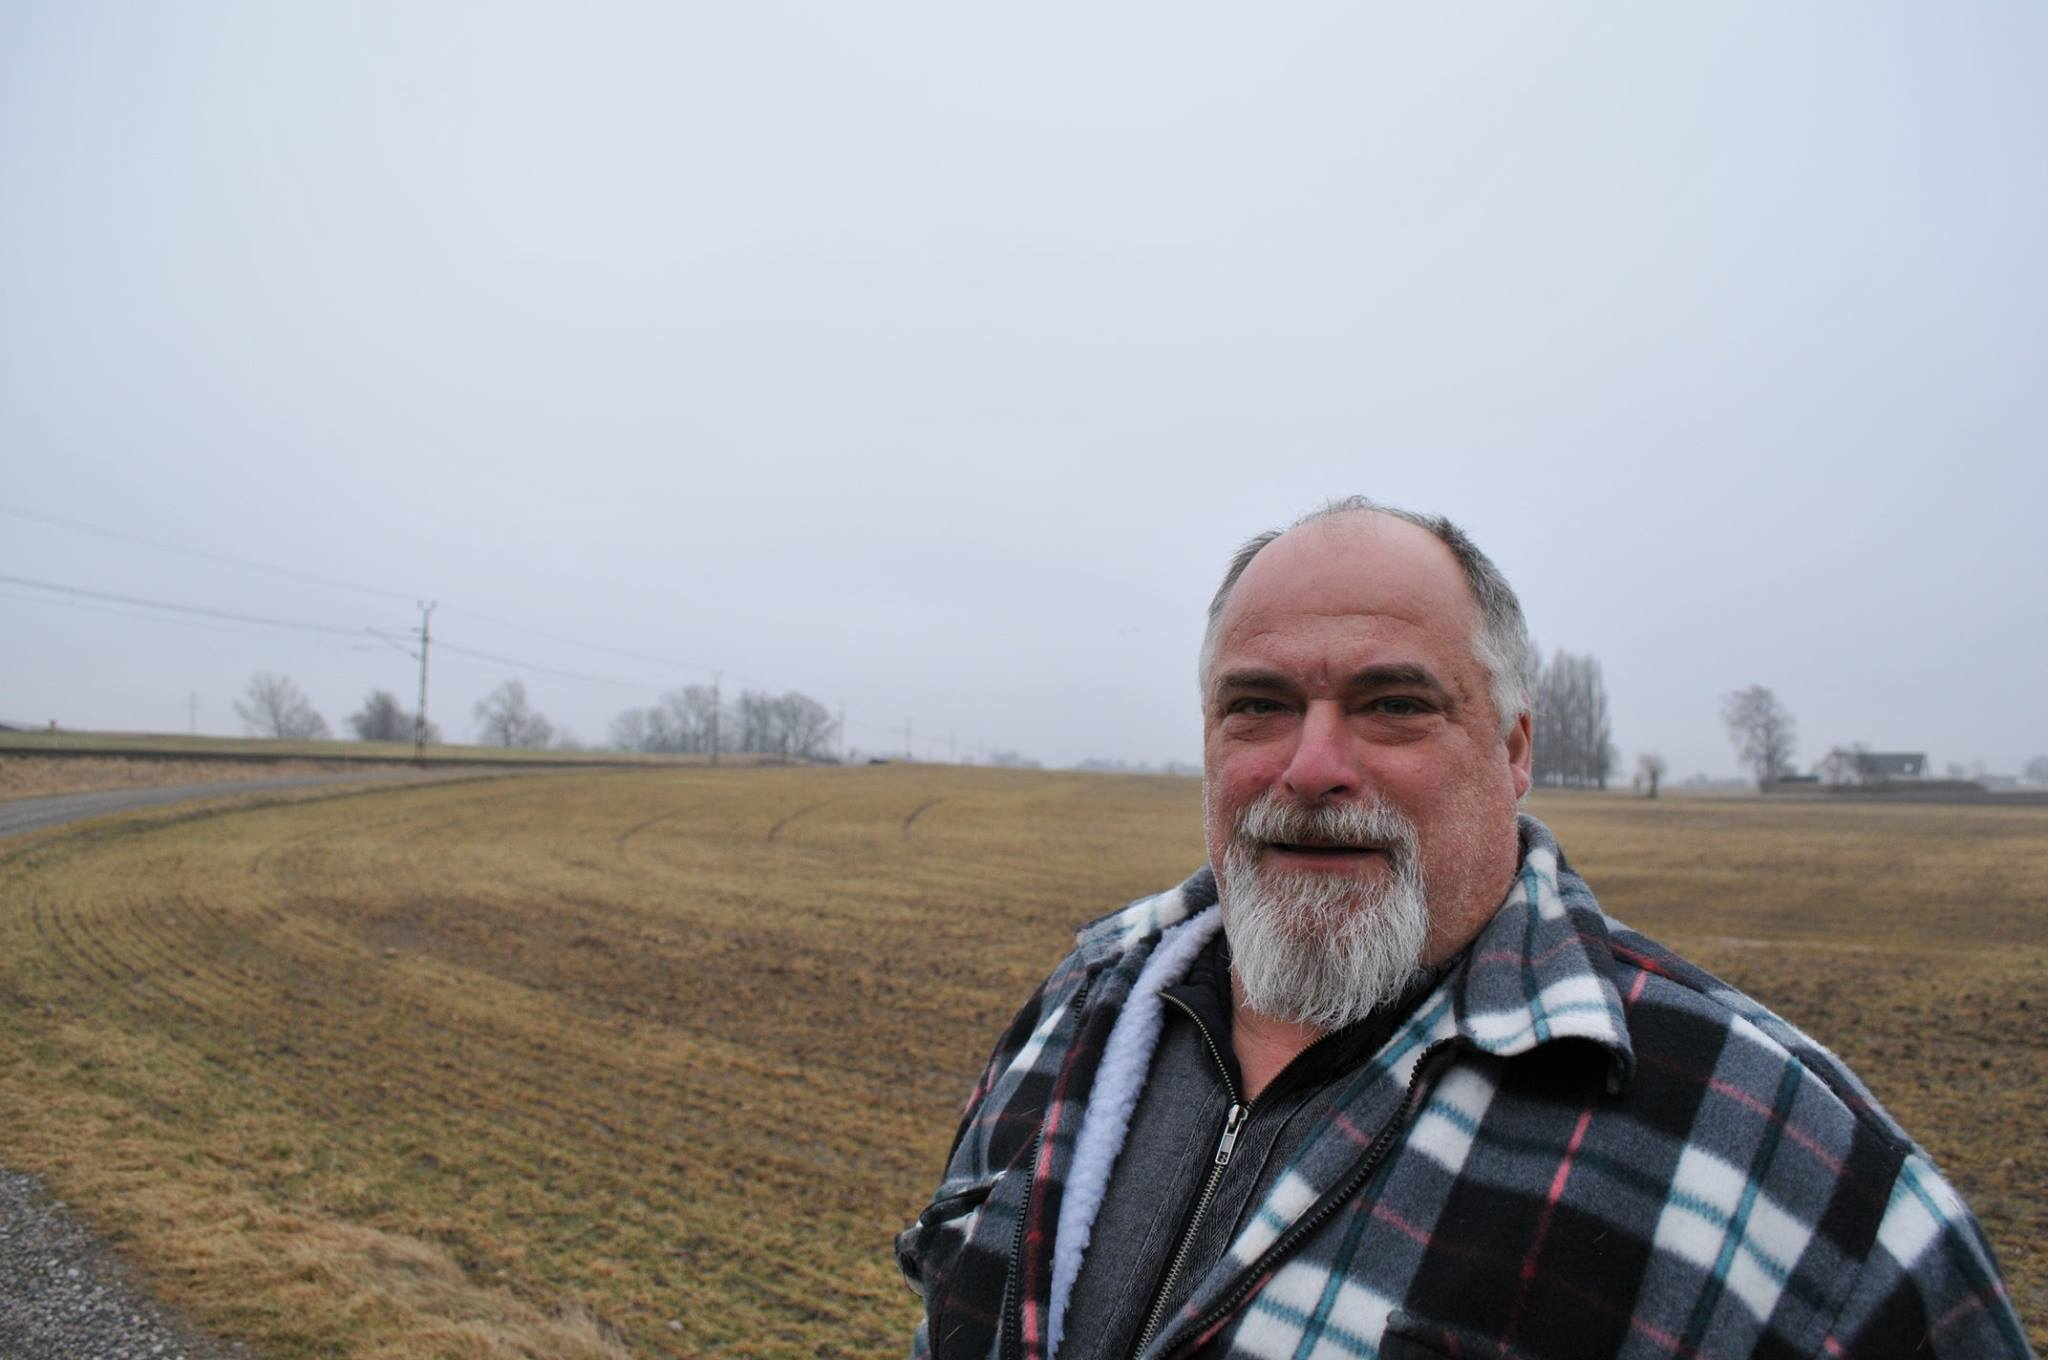 Stefan Pålsson mot en bakgrund av fält och himmel